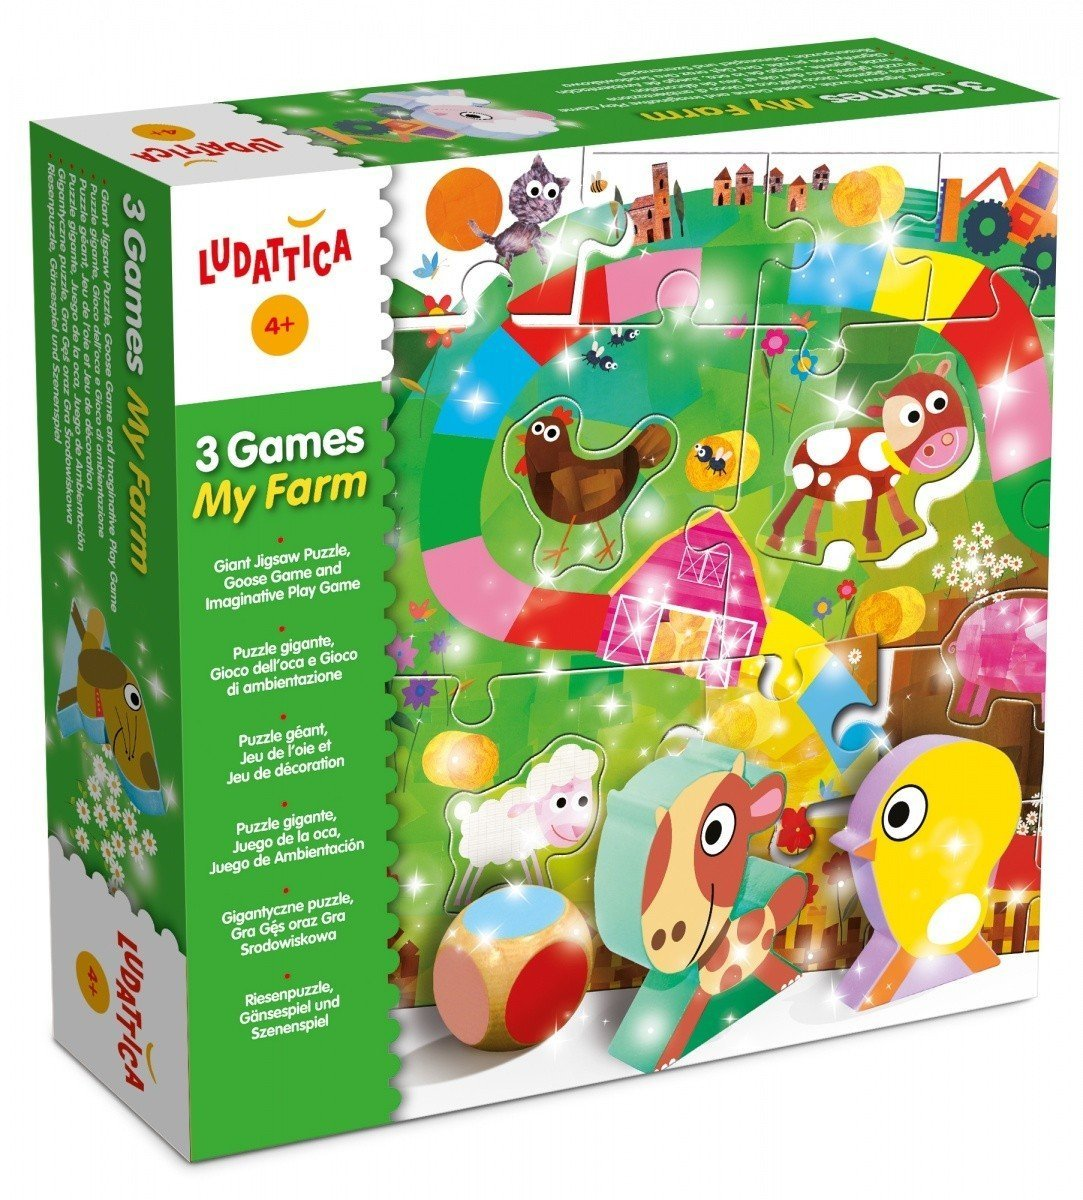 i giochi per bambini di 4 anni sono giochi costruttivi e stimolanti. Black Bedroom Furniture Sets. Home Design Ideas